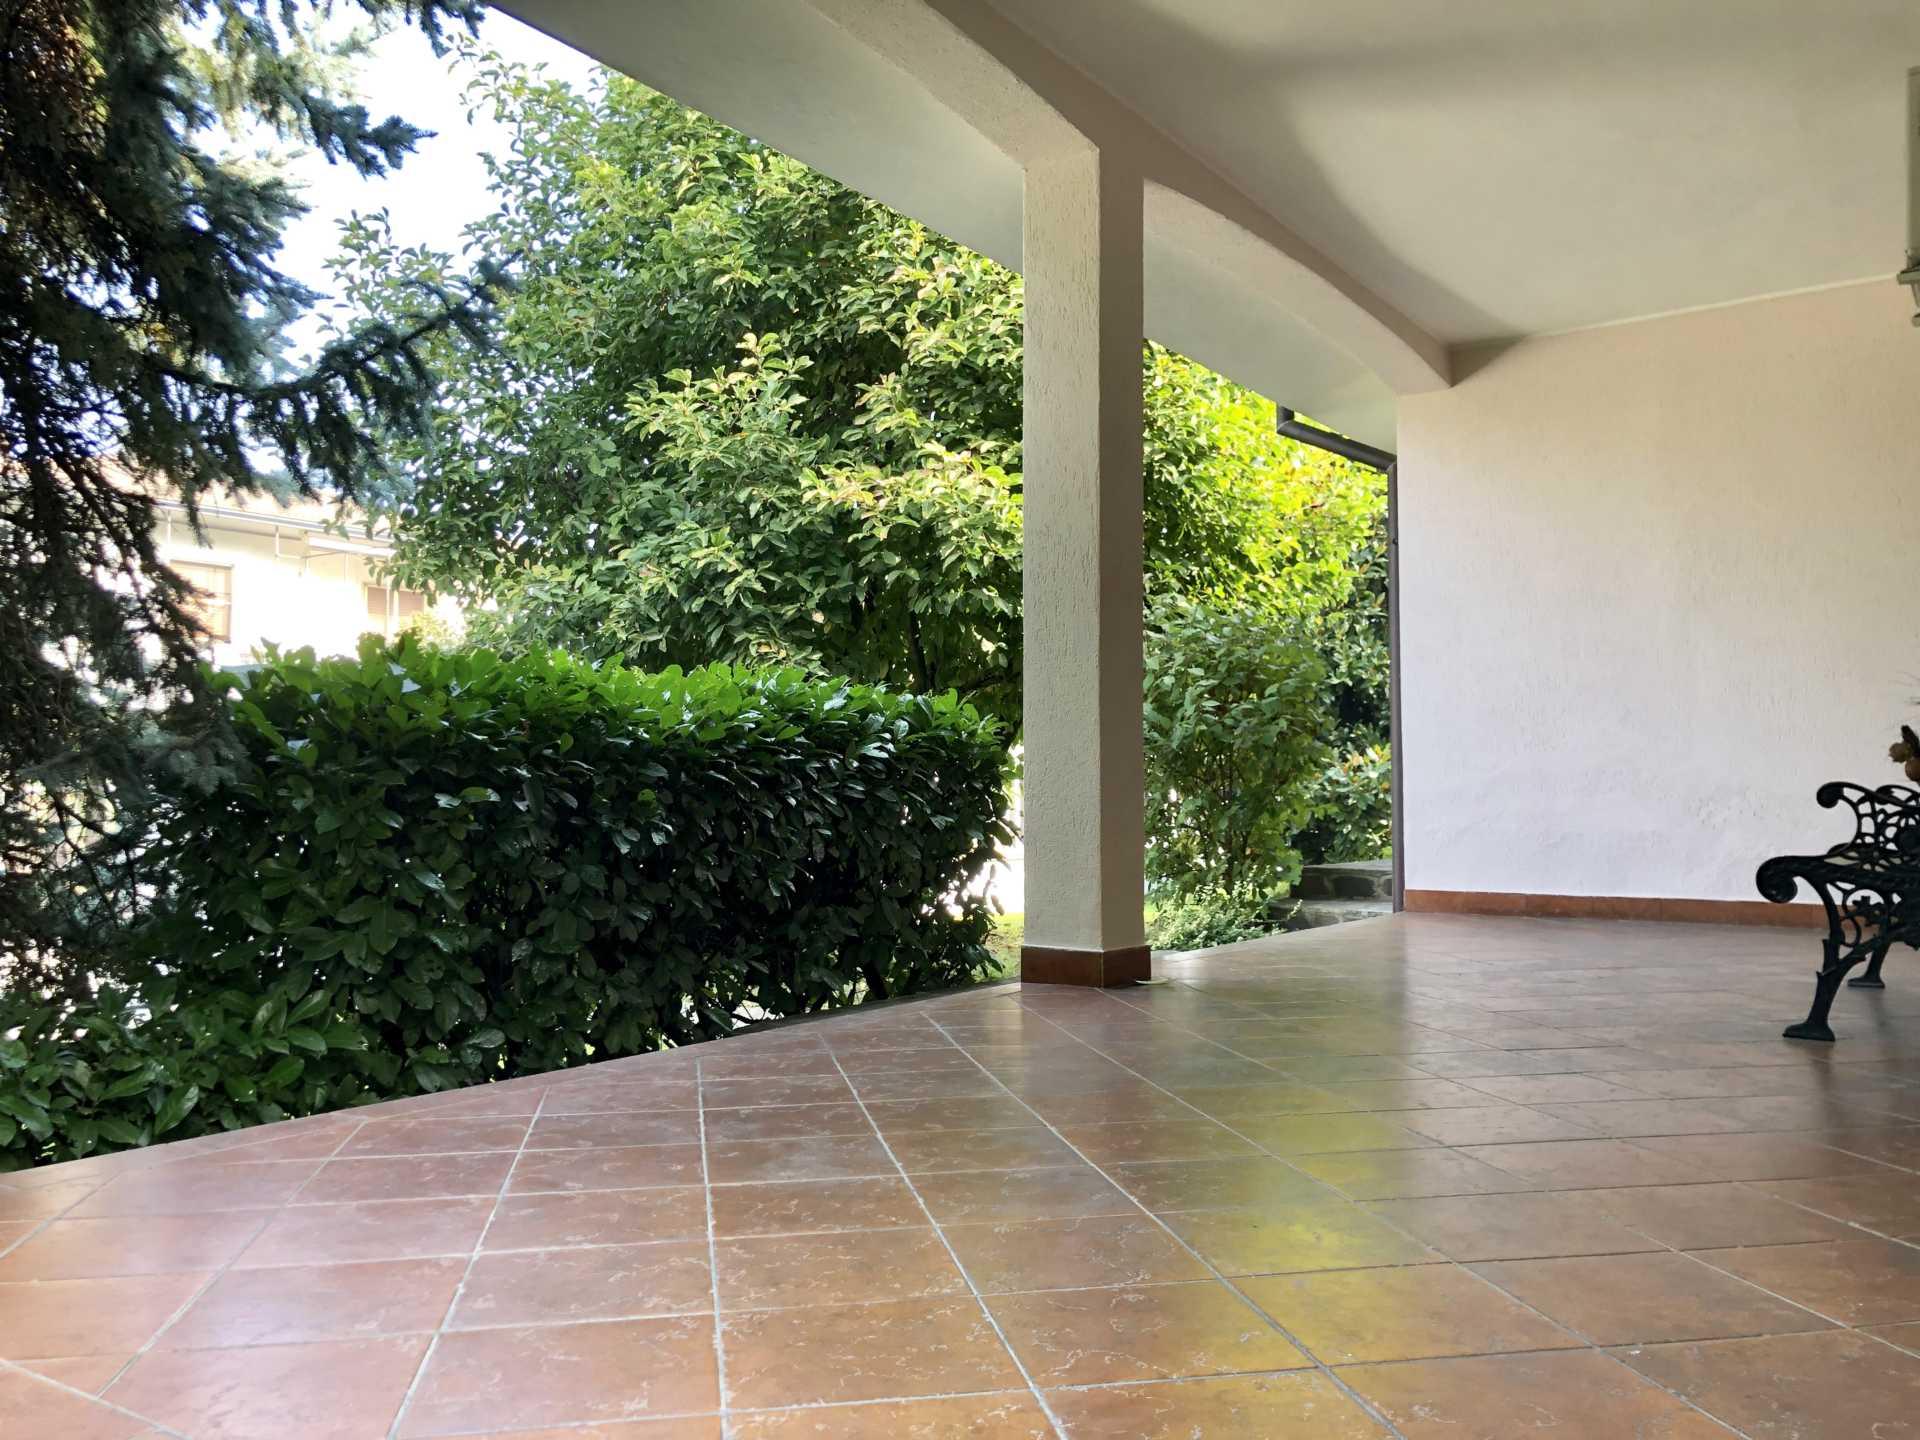 Villa-singola-in-vendita-a-Massalengo (22)